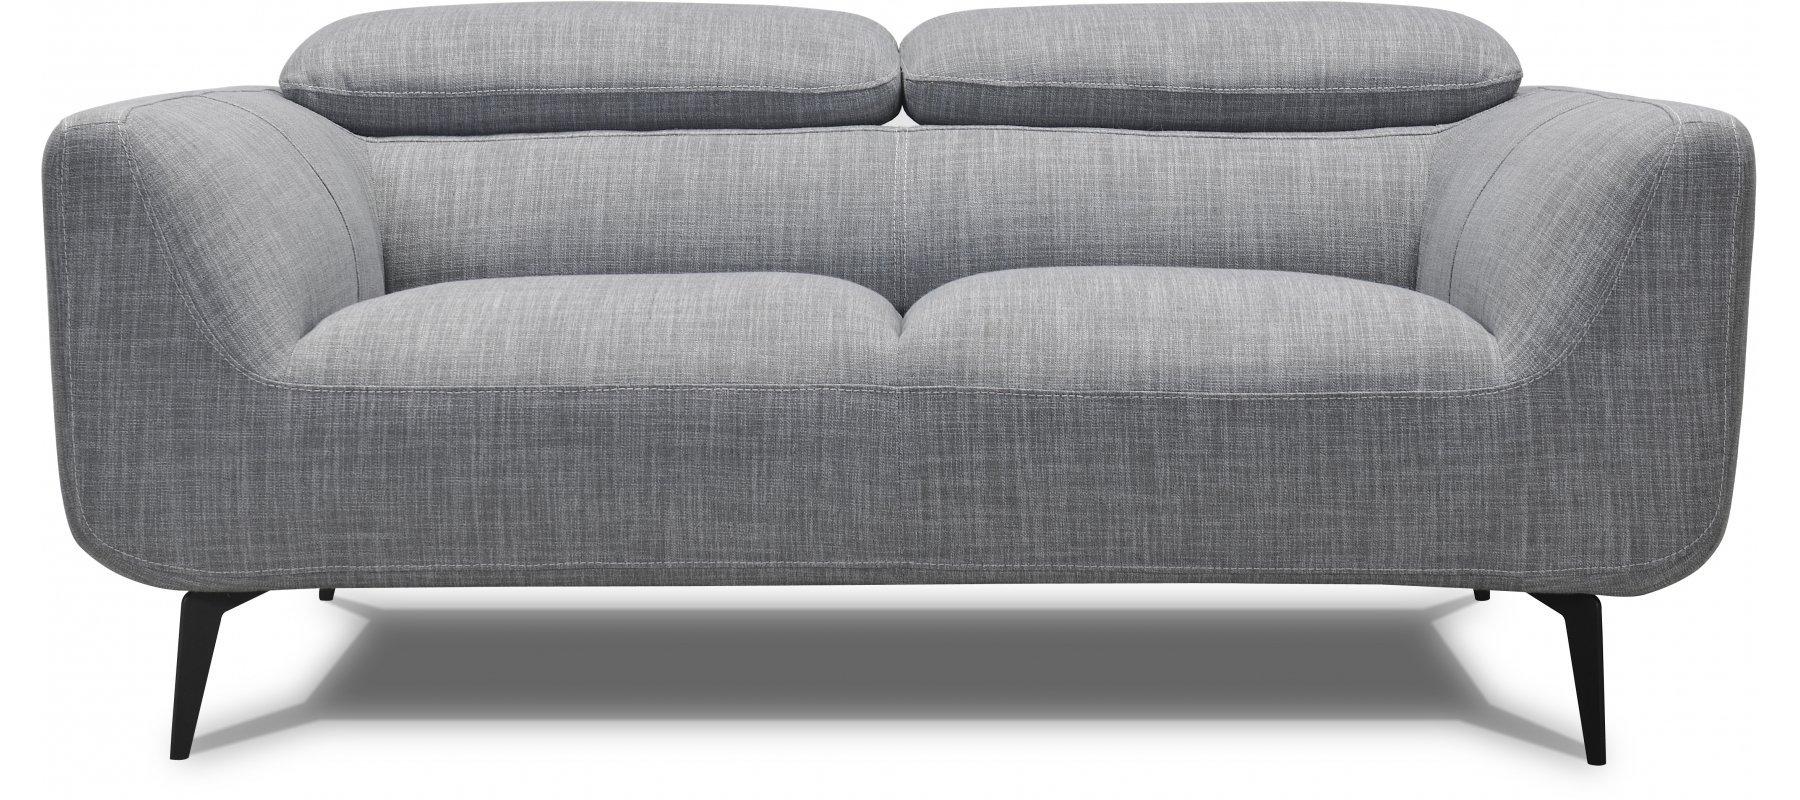 meilleure sélection 41407 e674f Canapé 2 places fixe SOUPLY design et au confort exceptionnel